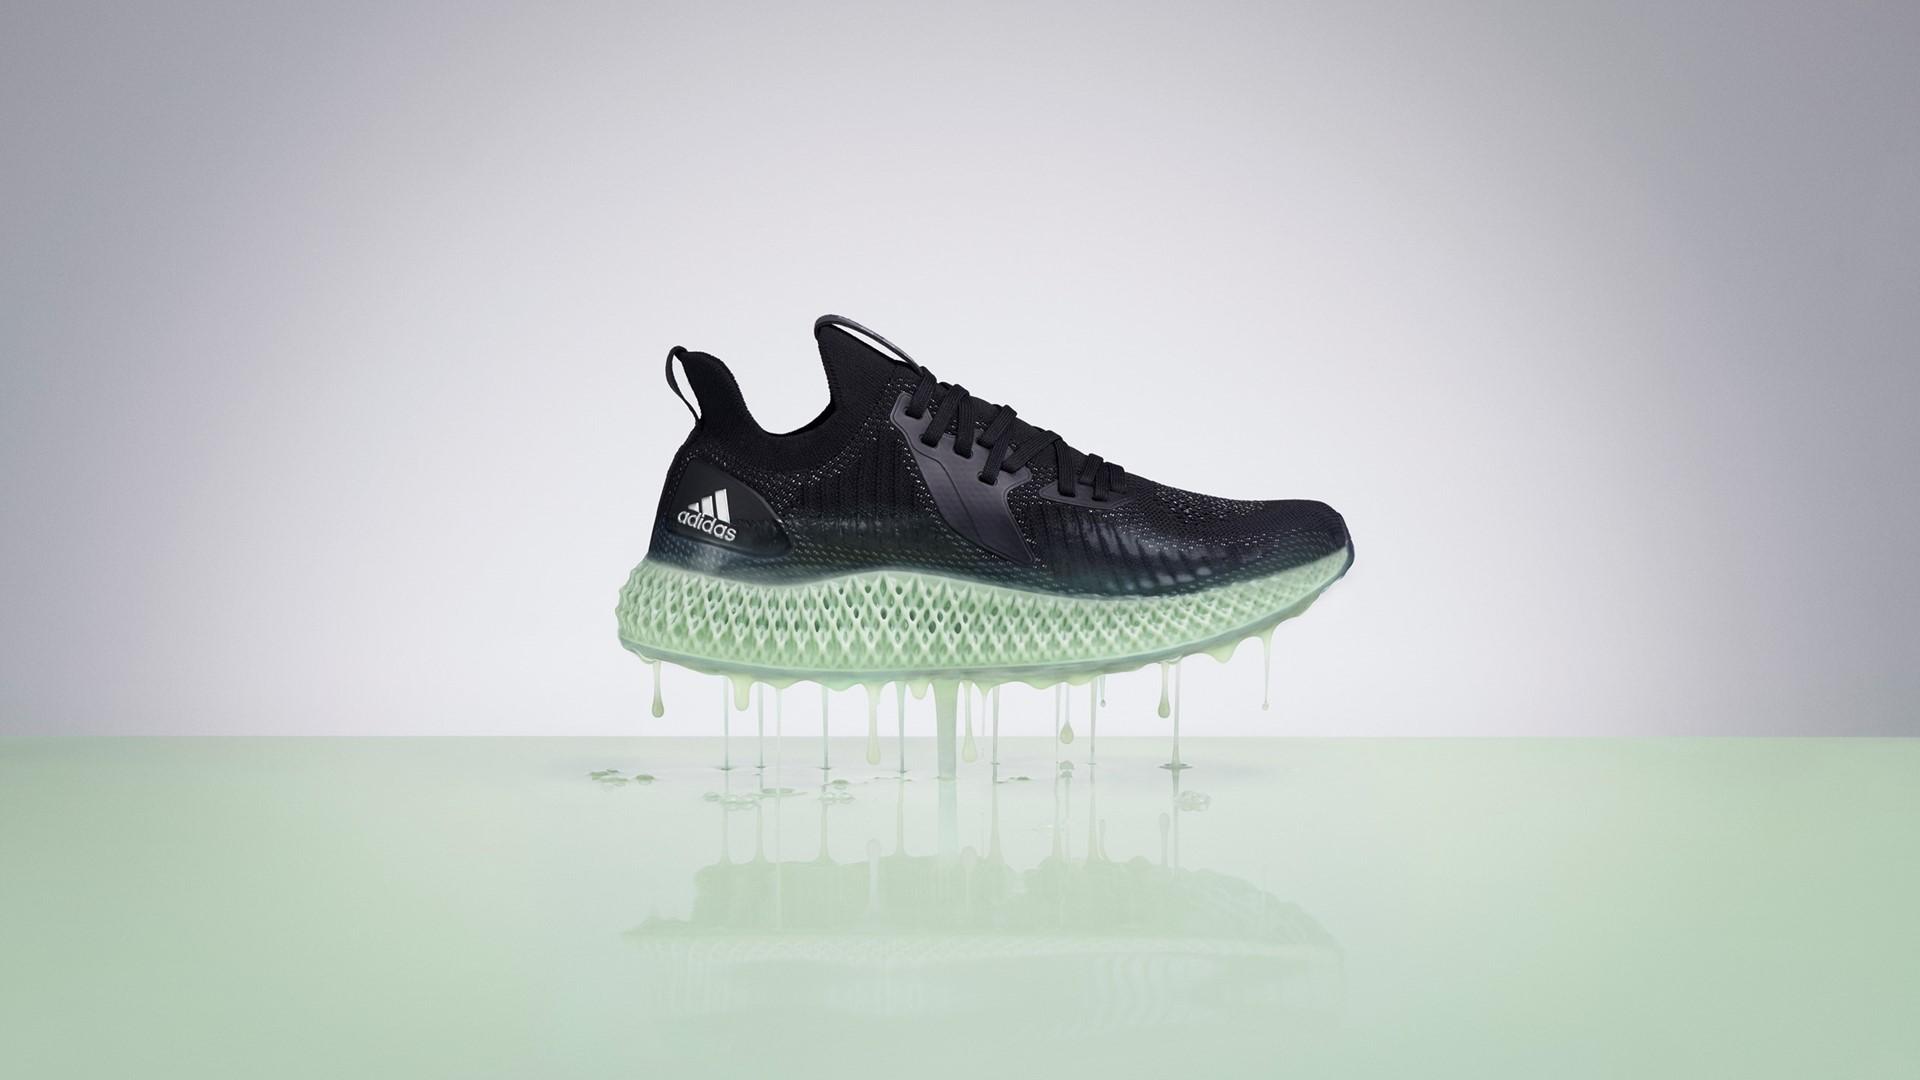 reflective ALPHAEDGE 4D running shoe